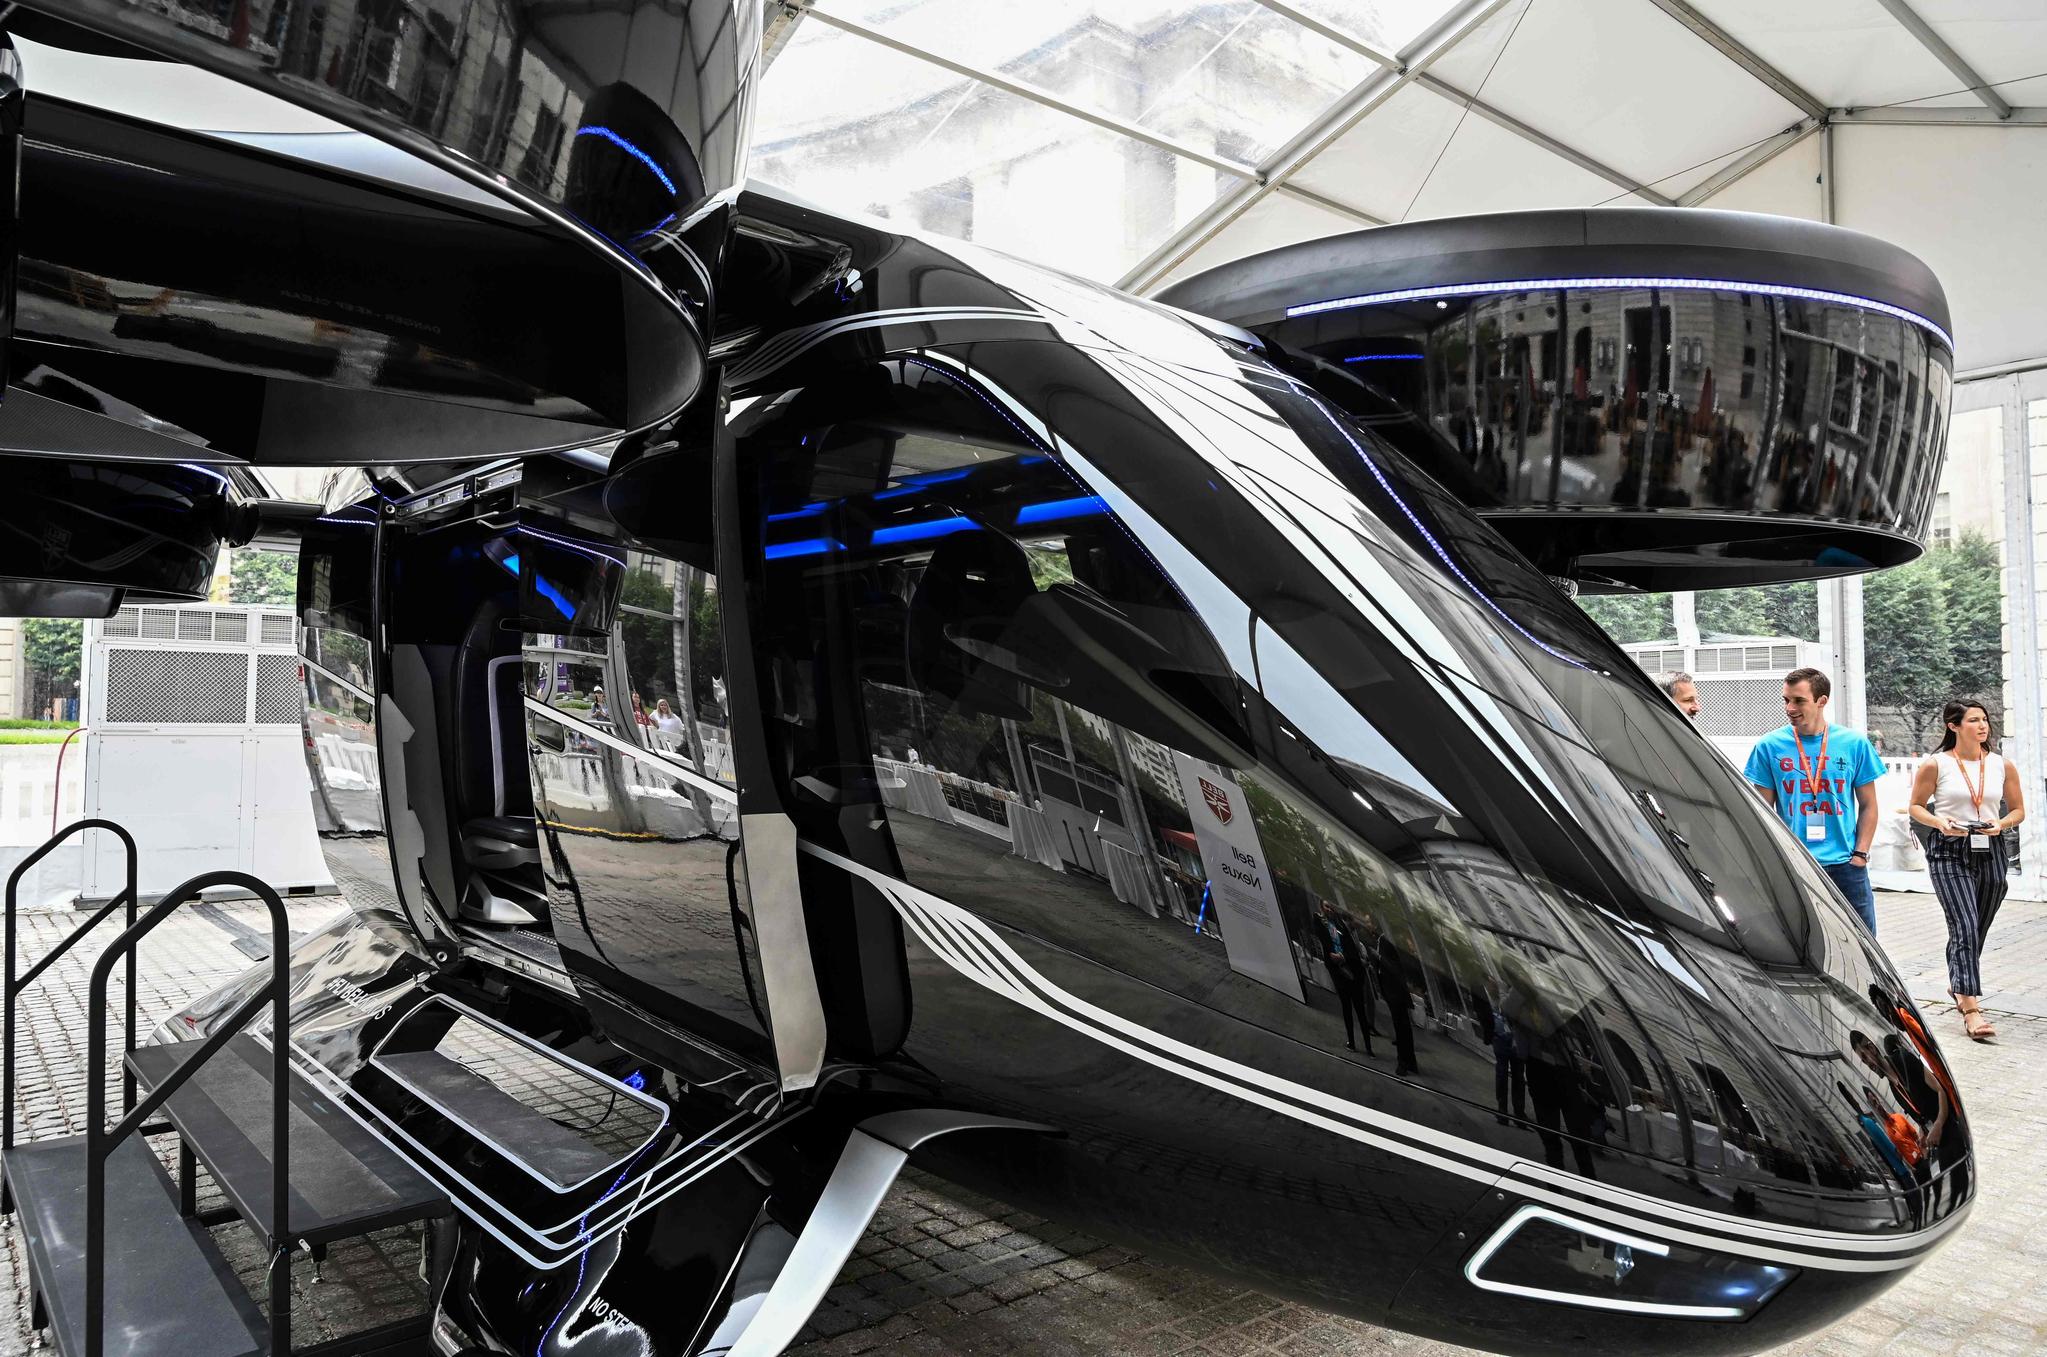 세계 최대 차량공유업체 우버가 플라잉 택시 컨셉트카인 '벨넥서스' 12일(현지시간) 워싱턴 DC에서 선보였다. 이 차량은 수직이착륙이 가능하며, 조종사 1명, 승객 4명 등 총 5명이 탑승 가능하며, 일반 헬기와 달리 소음도 적다. 우버는 내년부터 호주 멜버른과 미국 댈러스, 로스앤젤레스에서 시범운행을 시작해 2023년부터는 본격적인 상업 서비스에 나설 계획이다. [AFP=연합뉴스]